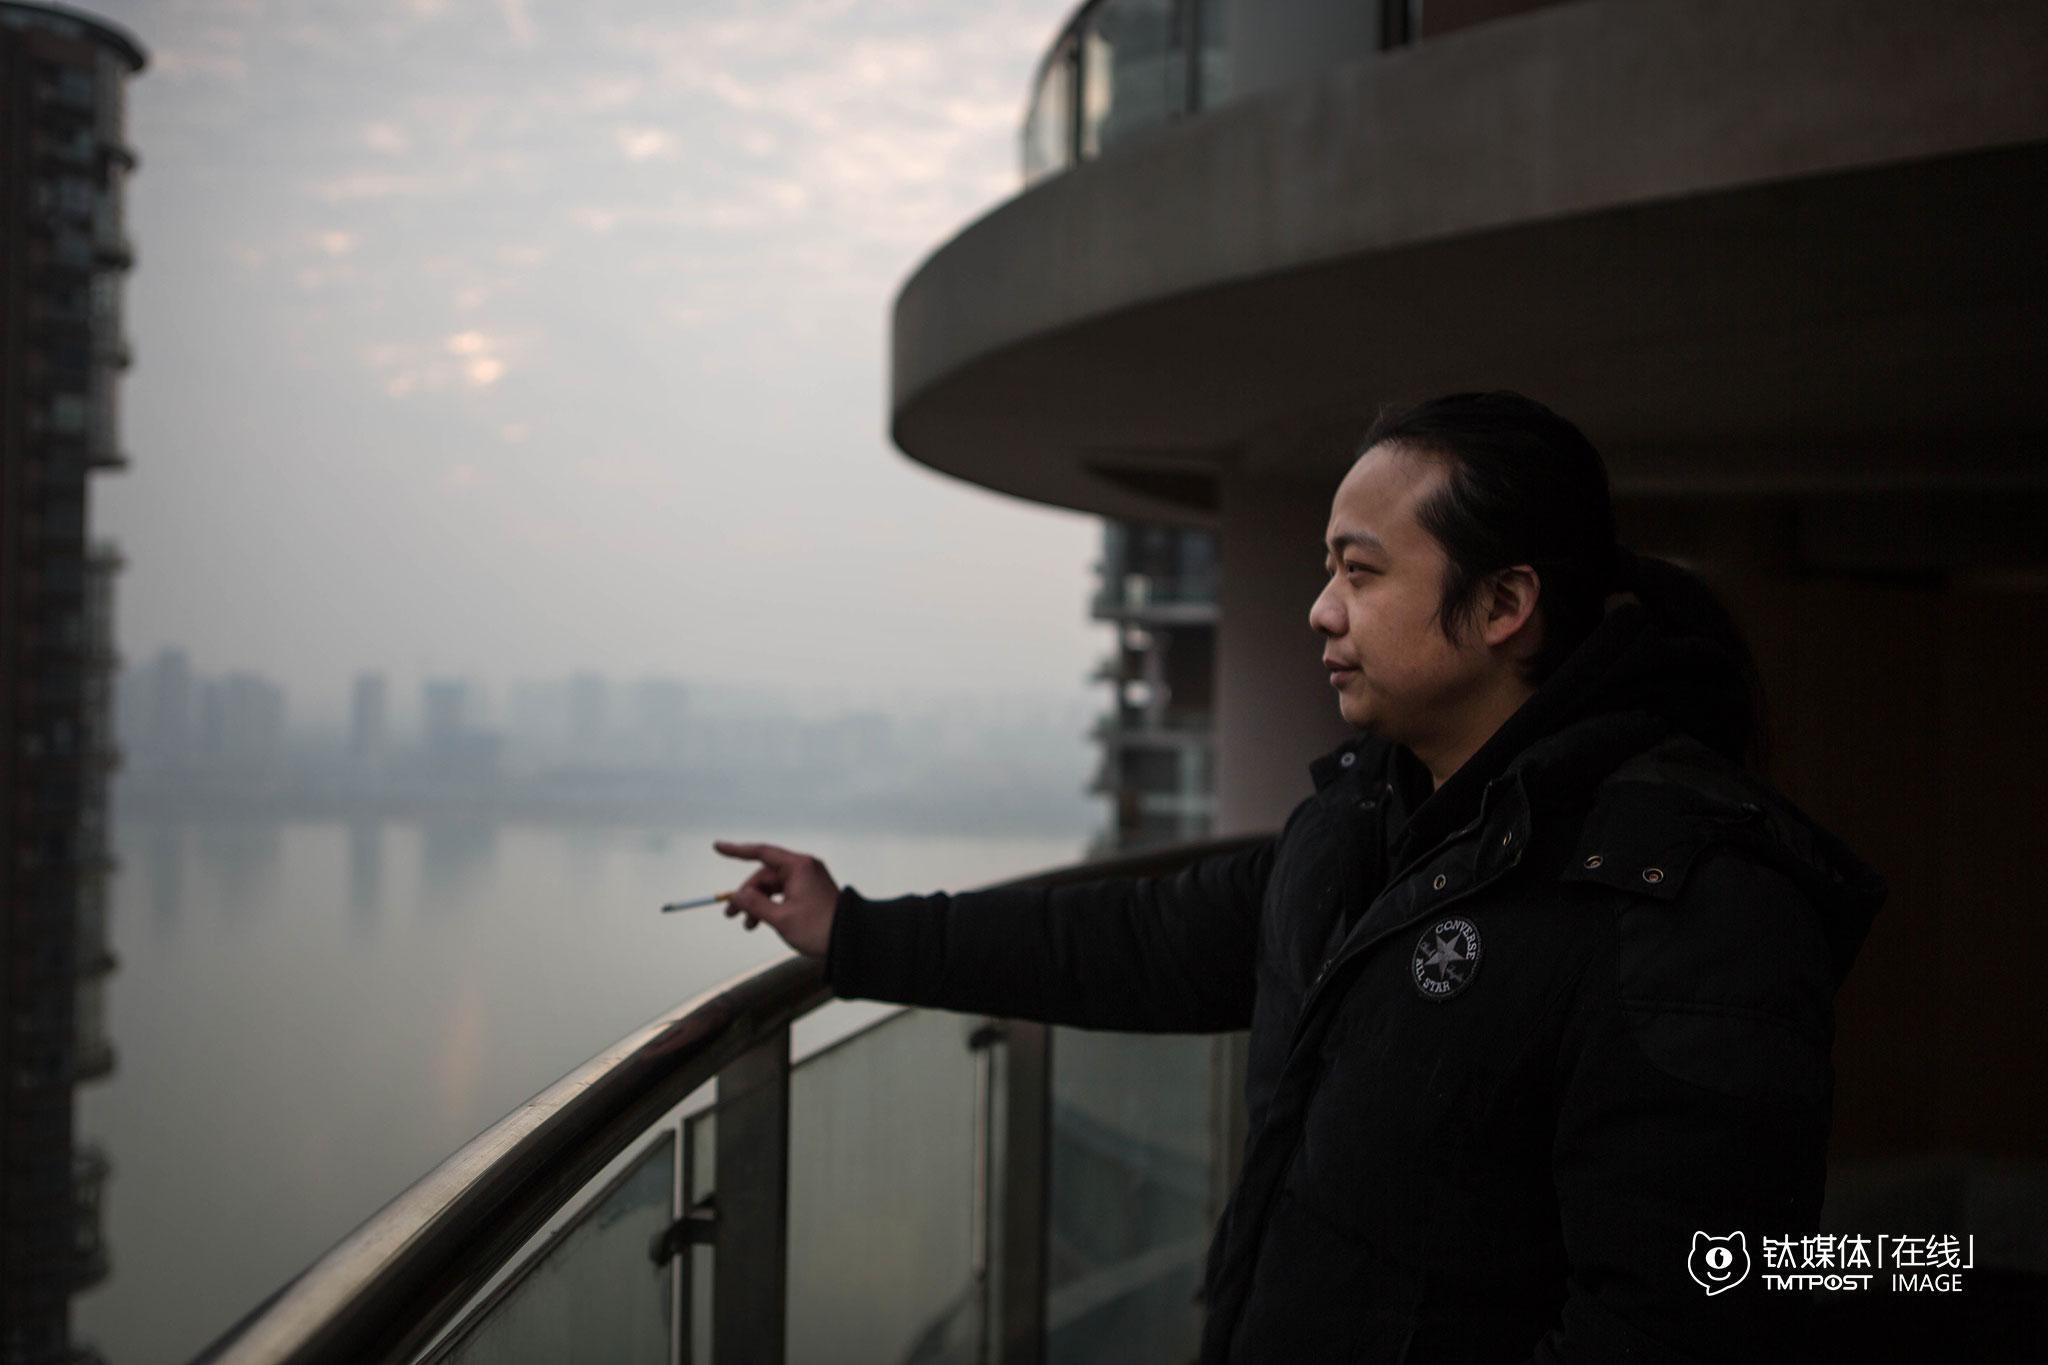 """铁人音乐频道目前已经吸引了国内一大批专业用户,频道网站站点也将在2016年上半年上线,""""APP对我们来说成本还比较高,网站可以更好地在现有条件下满足我们的需求""""。陈磊将铁人音乐频道定位为第三方测评媒体,""""希望通过我们,可以让中国人在乐器消费上多一些常识,少一些错误观念。"""""""